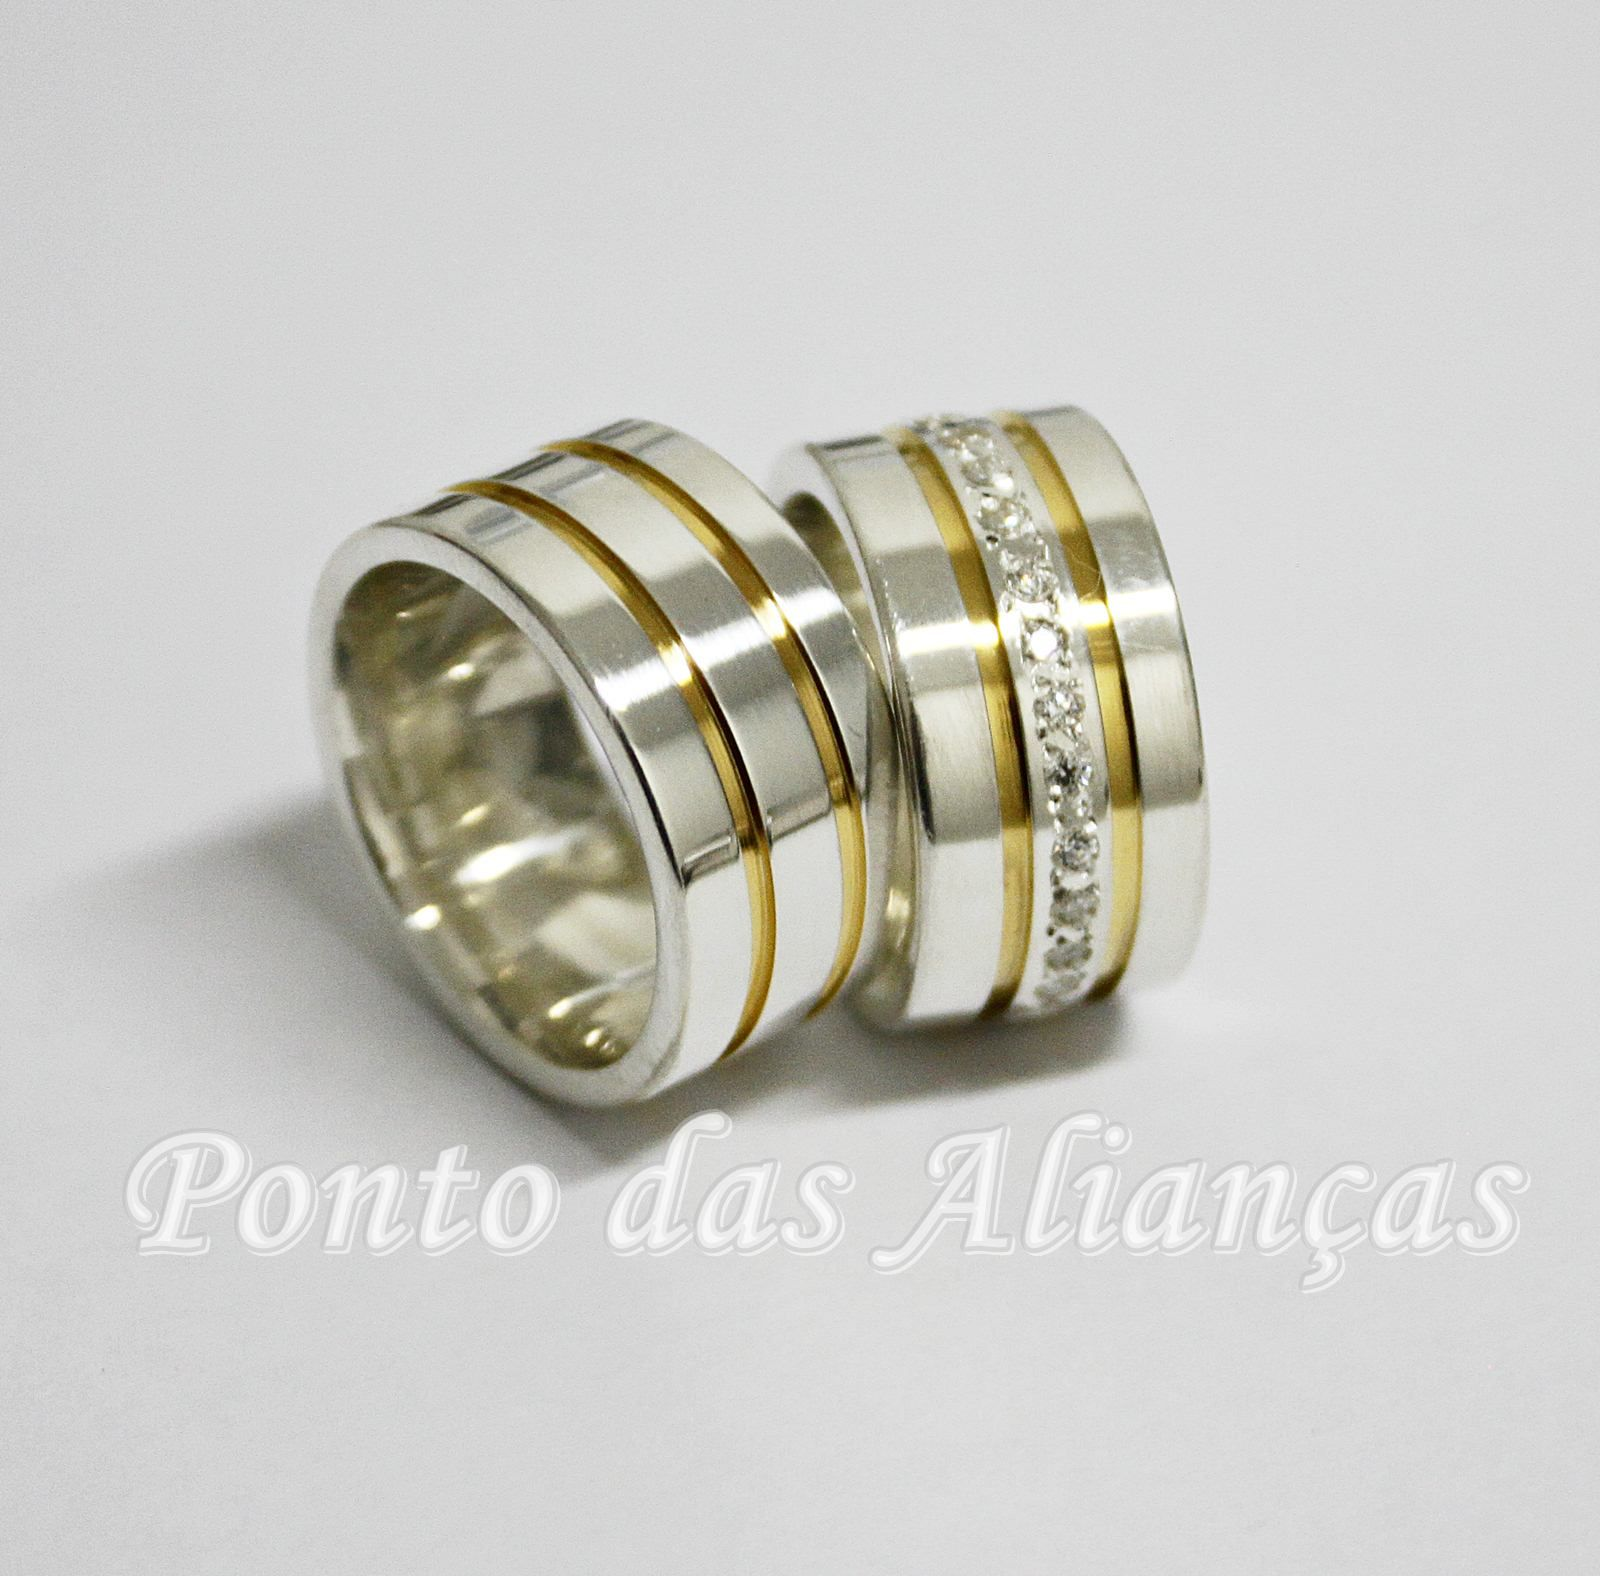 Alianças de Prata Banhada a Ouro - 3115